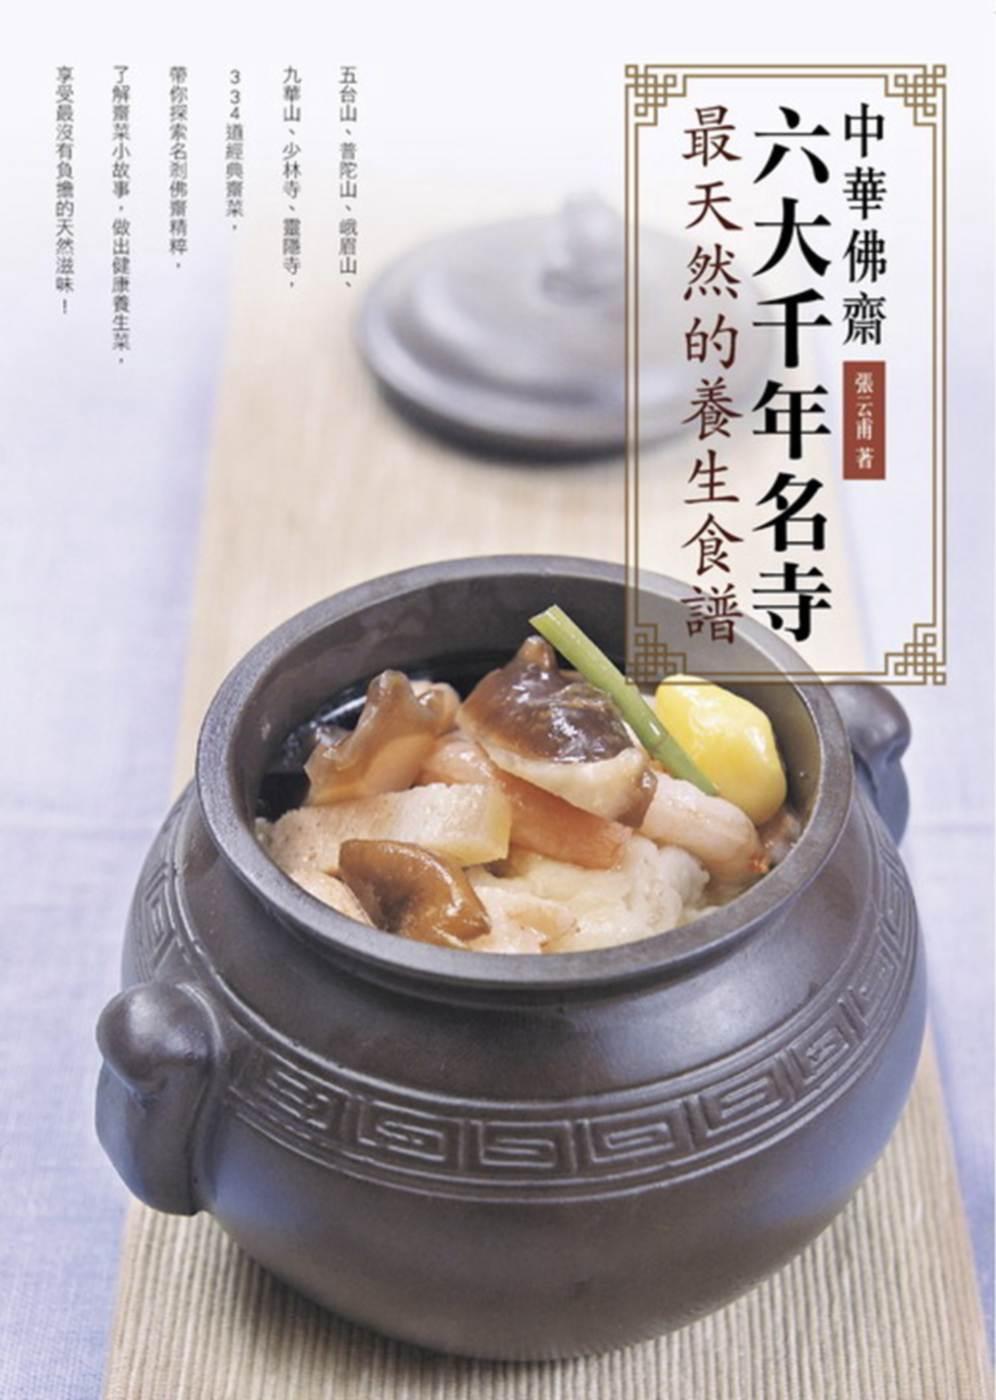 中華佛齋:六大千年名寺最天然的養生食譜